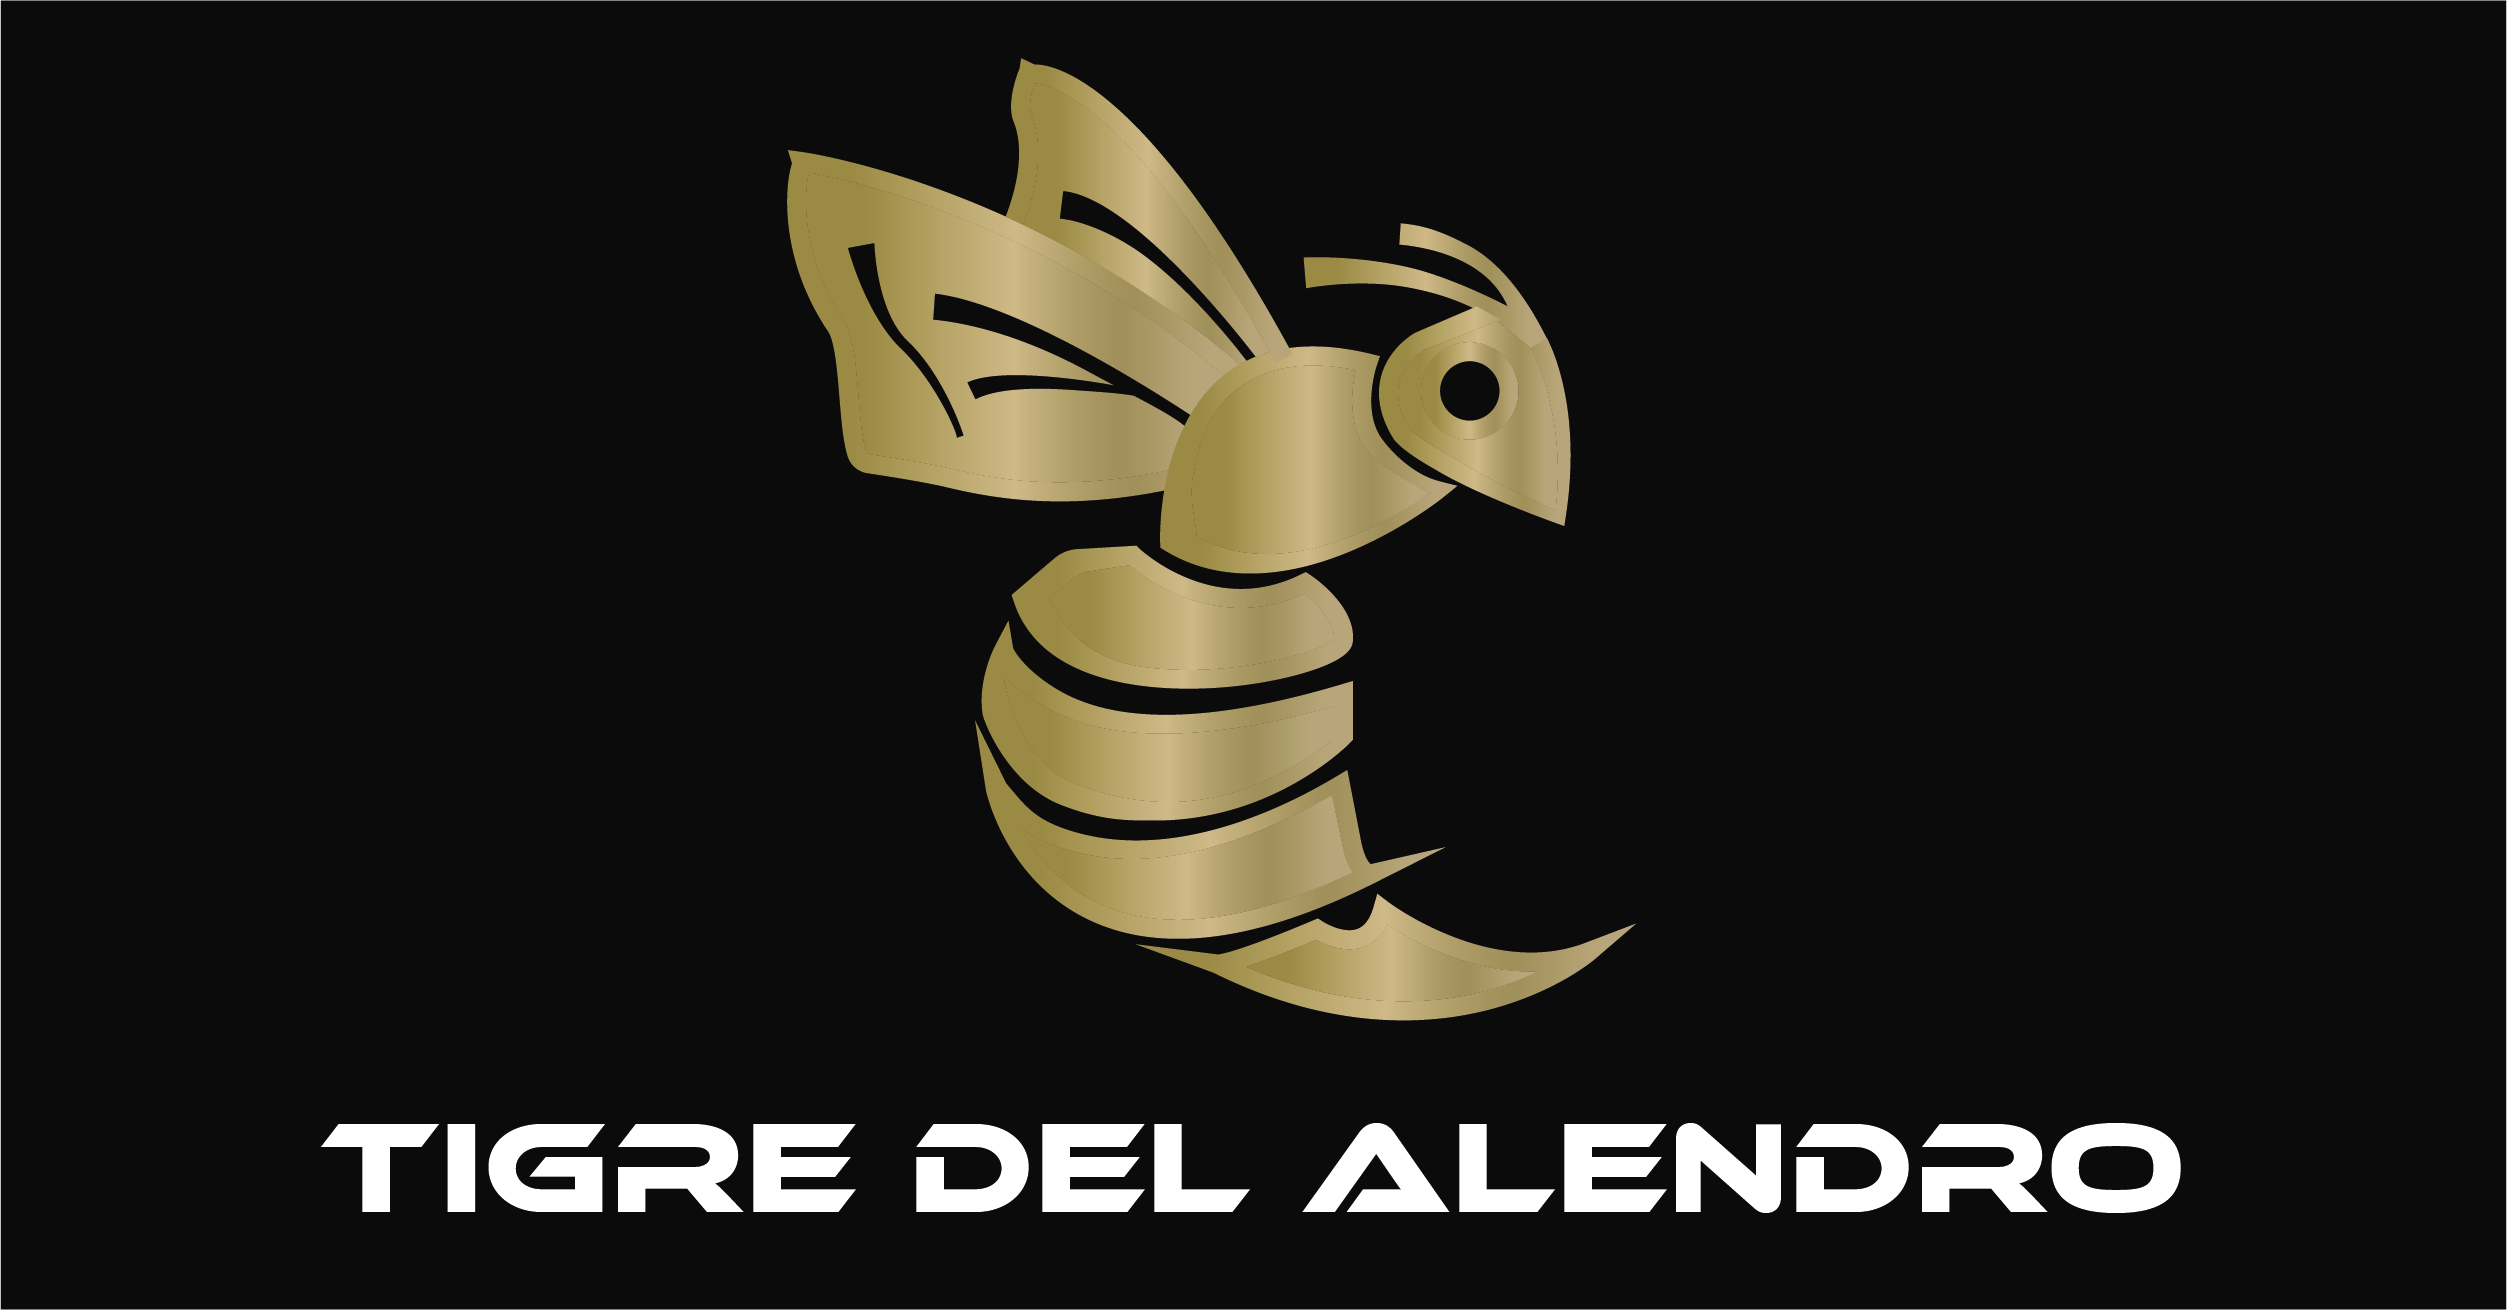 tigre del alendro